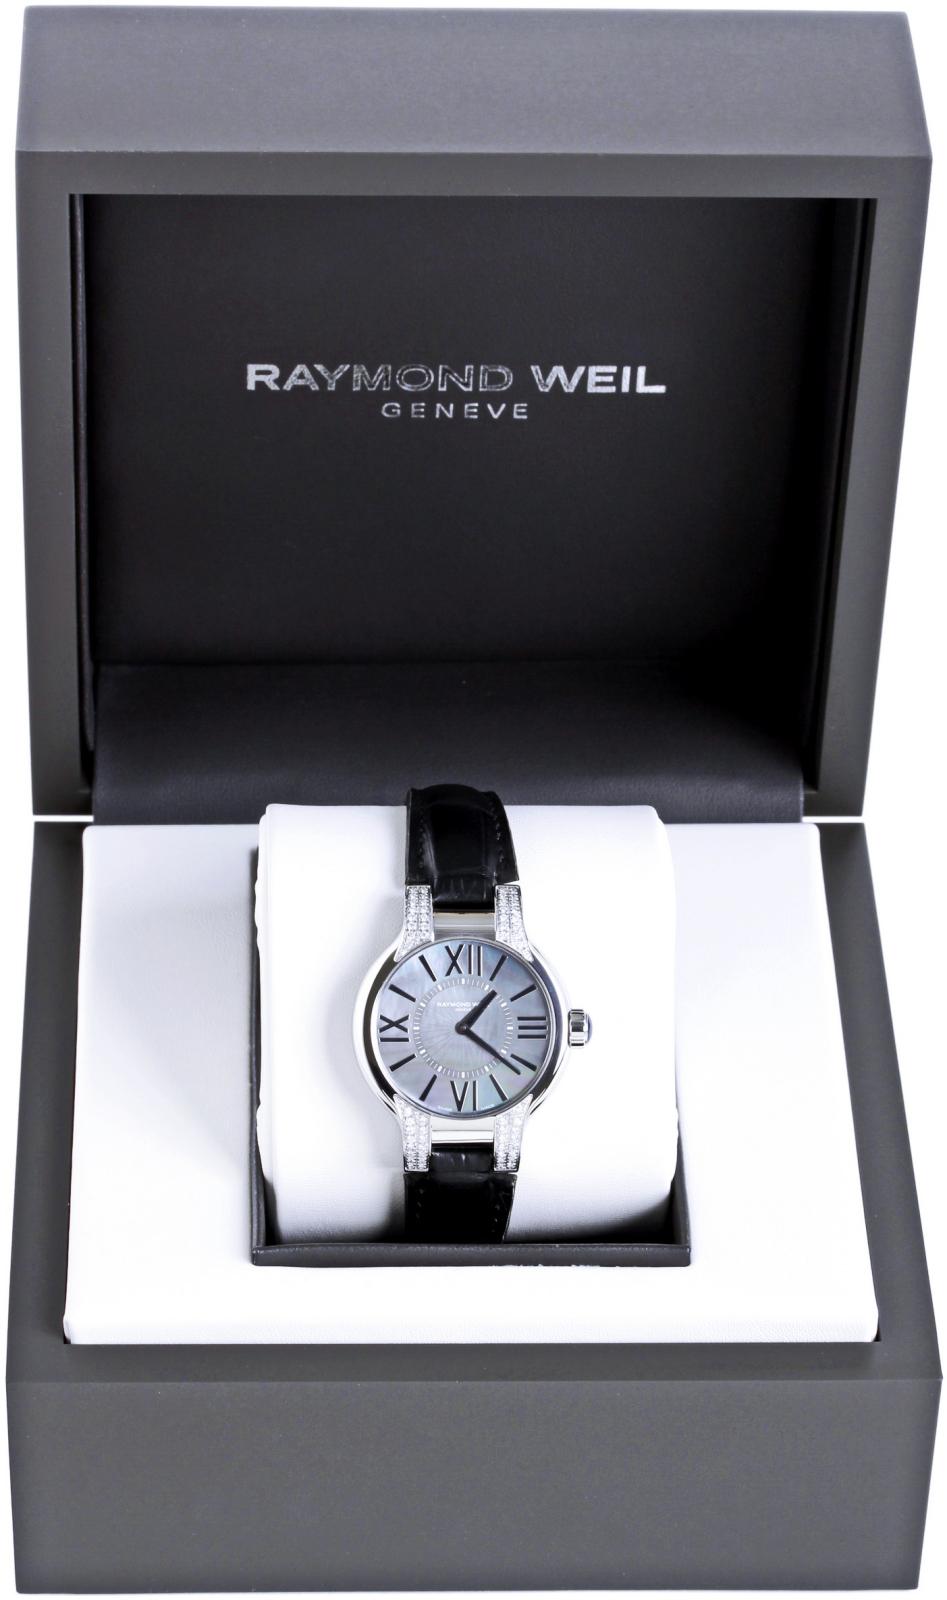 Raymond Weil Noemia 5932-SLS-00297Наручные часы<br>Швейцарские часы Raymond Weil Noemia 5932-SLS-00297Часы принадежат коллекции Noemia. Это великолепные женские часы. Материал корпуса часов &amp;mdash; сталь. В этой модели стоит сапфировое стекло. Часы этой модели обладают водозащитой 50 м. Основной цвет циферблата черный. Часы обладают корпусом 32мм. При создании этих часов использованы натуральные бриллианты.<br><br>Пол: Женские<br>Страна-производитель: Швейцария<br>Механизм: Кварцевый<br>Материал корпуса: Сталь<br>Материал ремня/браслета: Кожа<br>Водозащита, диапазон: 20 - 100 м<br>Стекло: Сапфировое<br>Толщина корпуса: None<br>Стиль: Мода